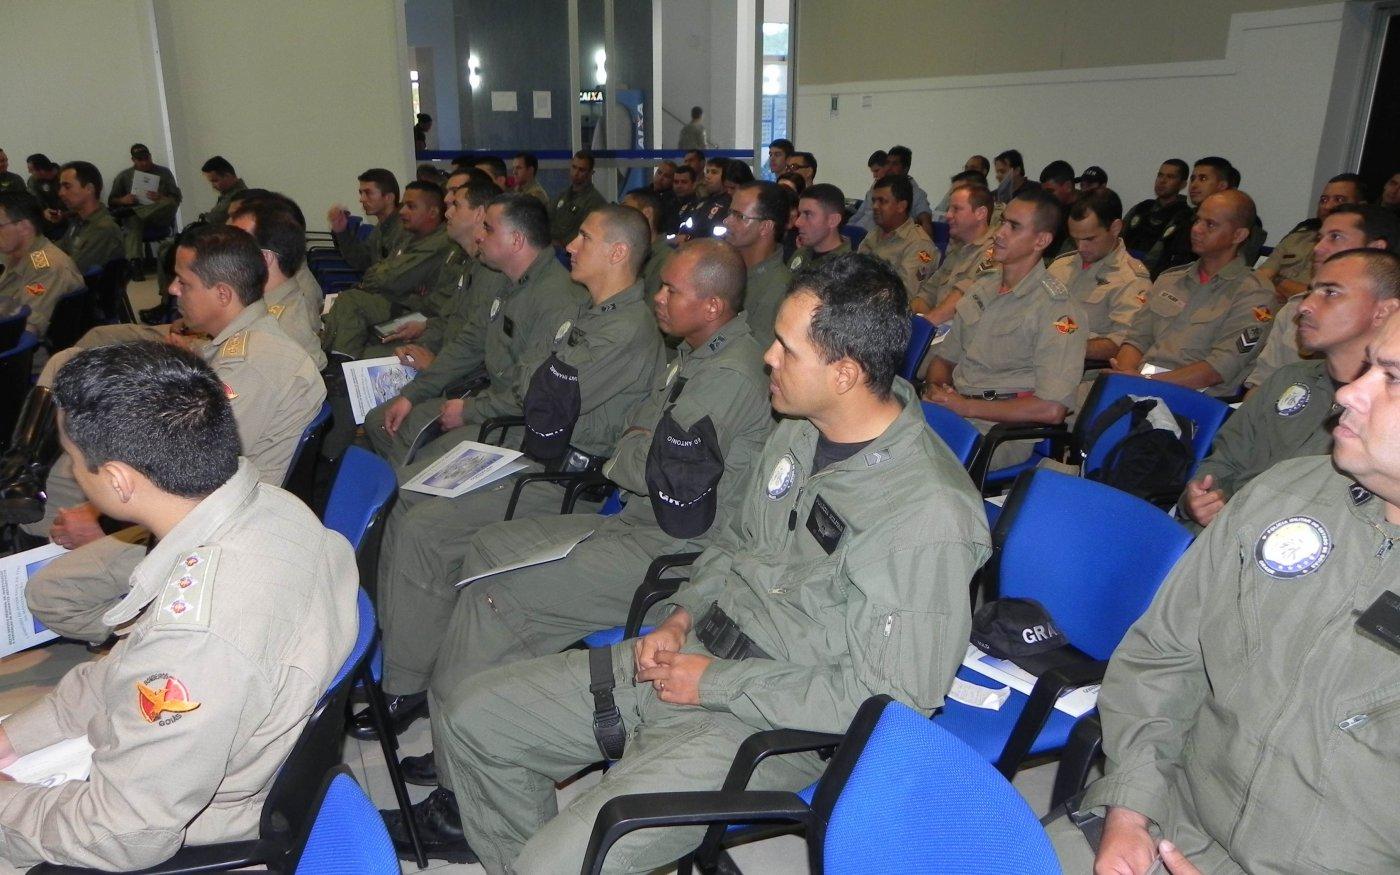 Grupamento Aéreo da Polícia Militar de Goiás, Terceiro Grupamento de Tática Aérea da Polícia Civil, Bombeiros e Serviço de Atendimento Móvel de Urgência (SAMU) foram as instituições treinadas pelo SERIPA VI.